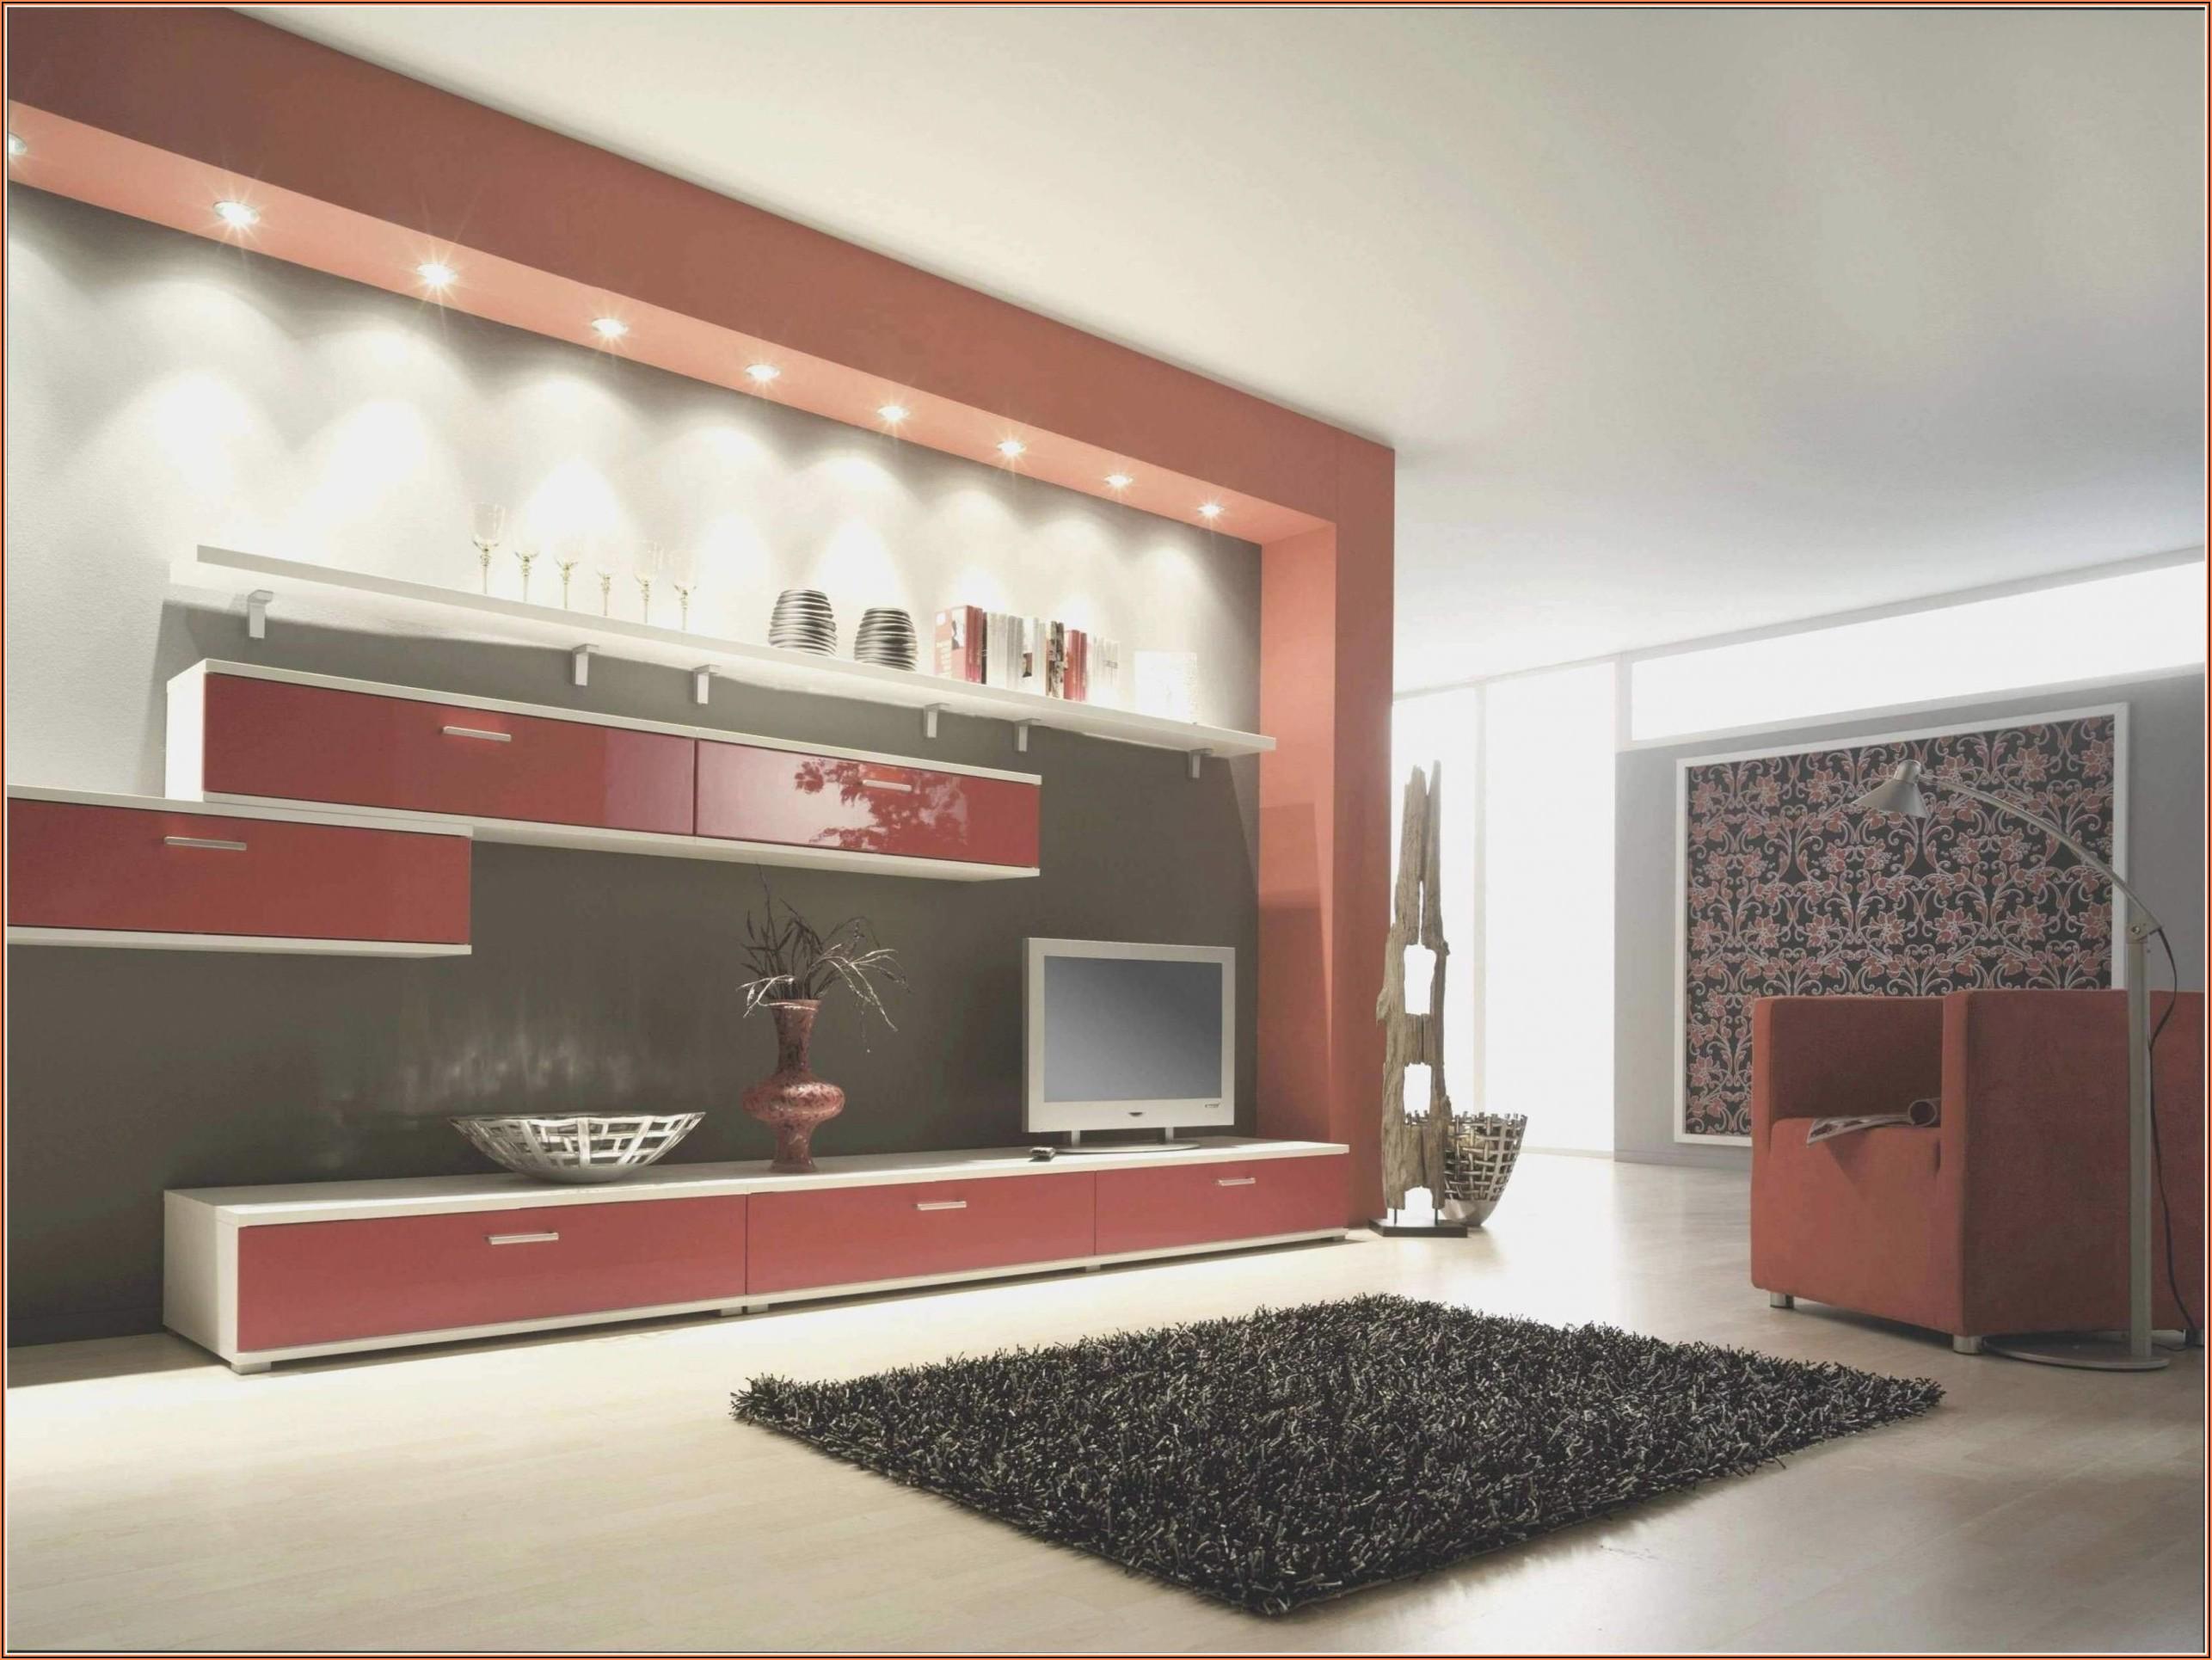 Bilder Zum Ausdrucken Wohnzimmer